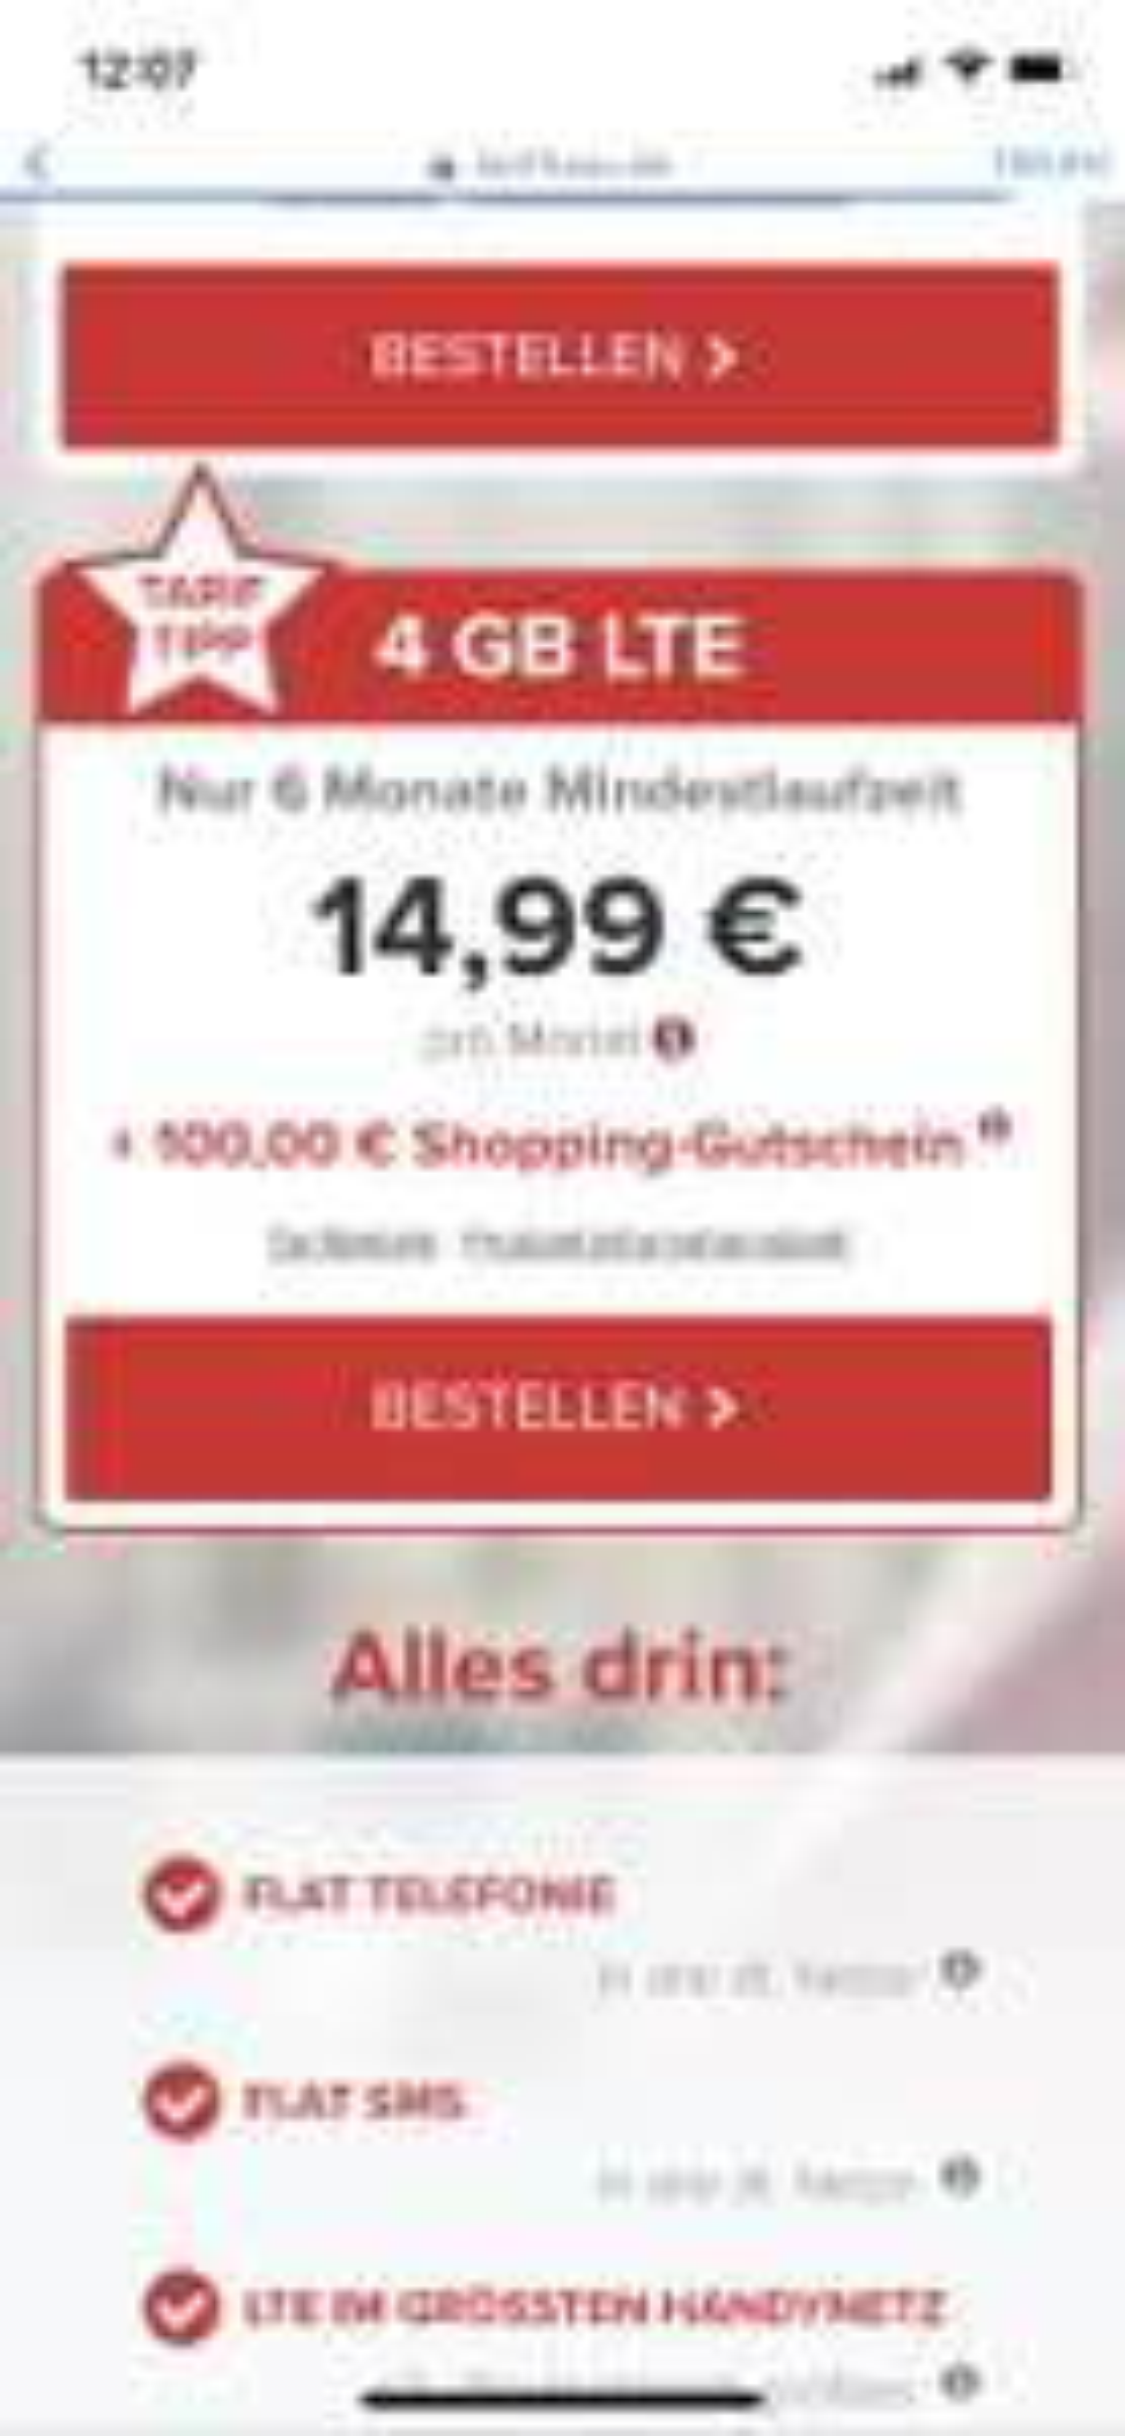 4 GB LTE Tarif für mtl. 14,99 Euro + 100 Euro Shopping Gutschein ( 6 Monate MVLZ,  02 Netz, 100 Frei Minuten ins Eu-Ausland)